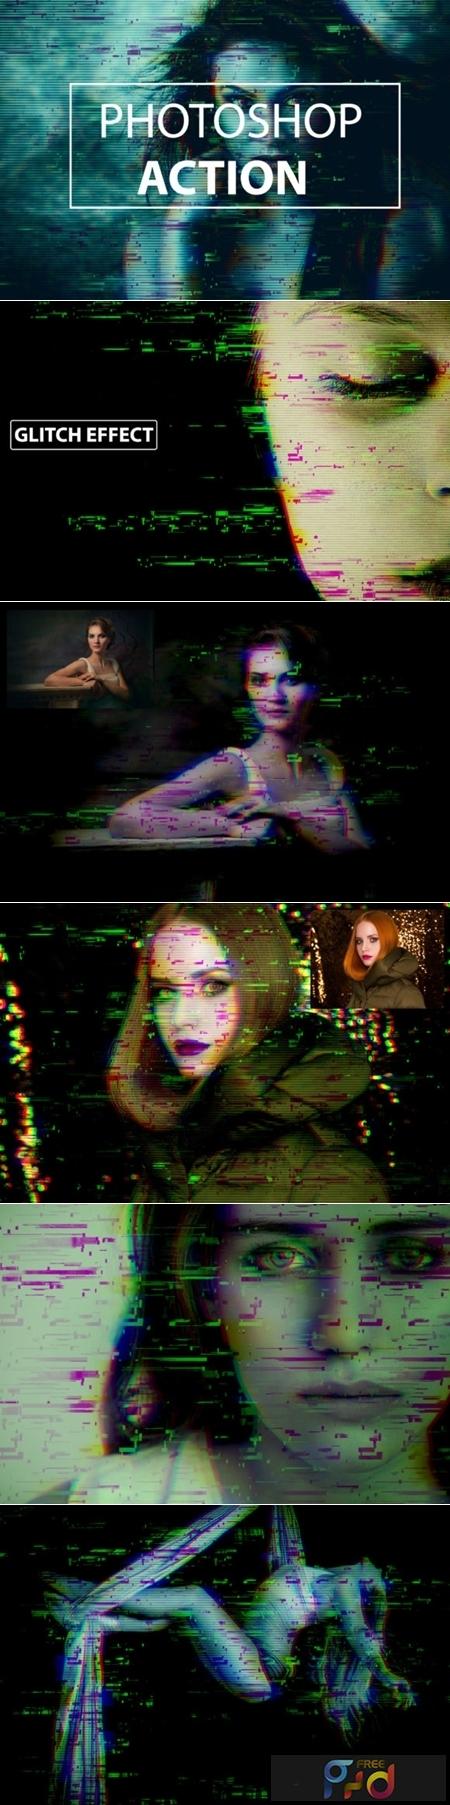 Glitch Distruction- Photoshop Action 1949294 1